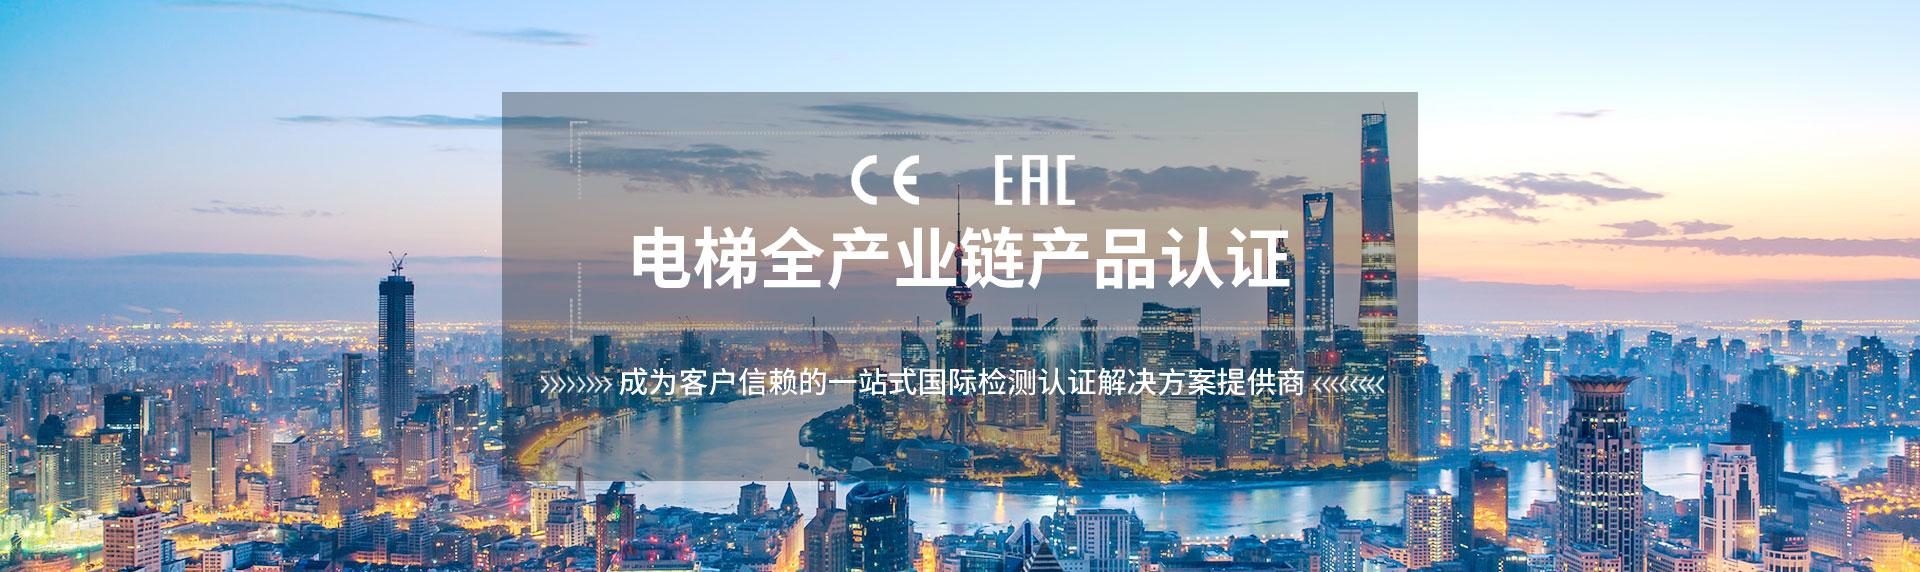 允銓小編帶您了解關于電梯CE認證小知識